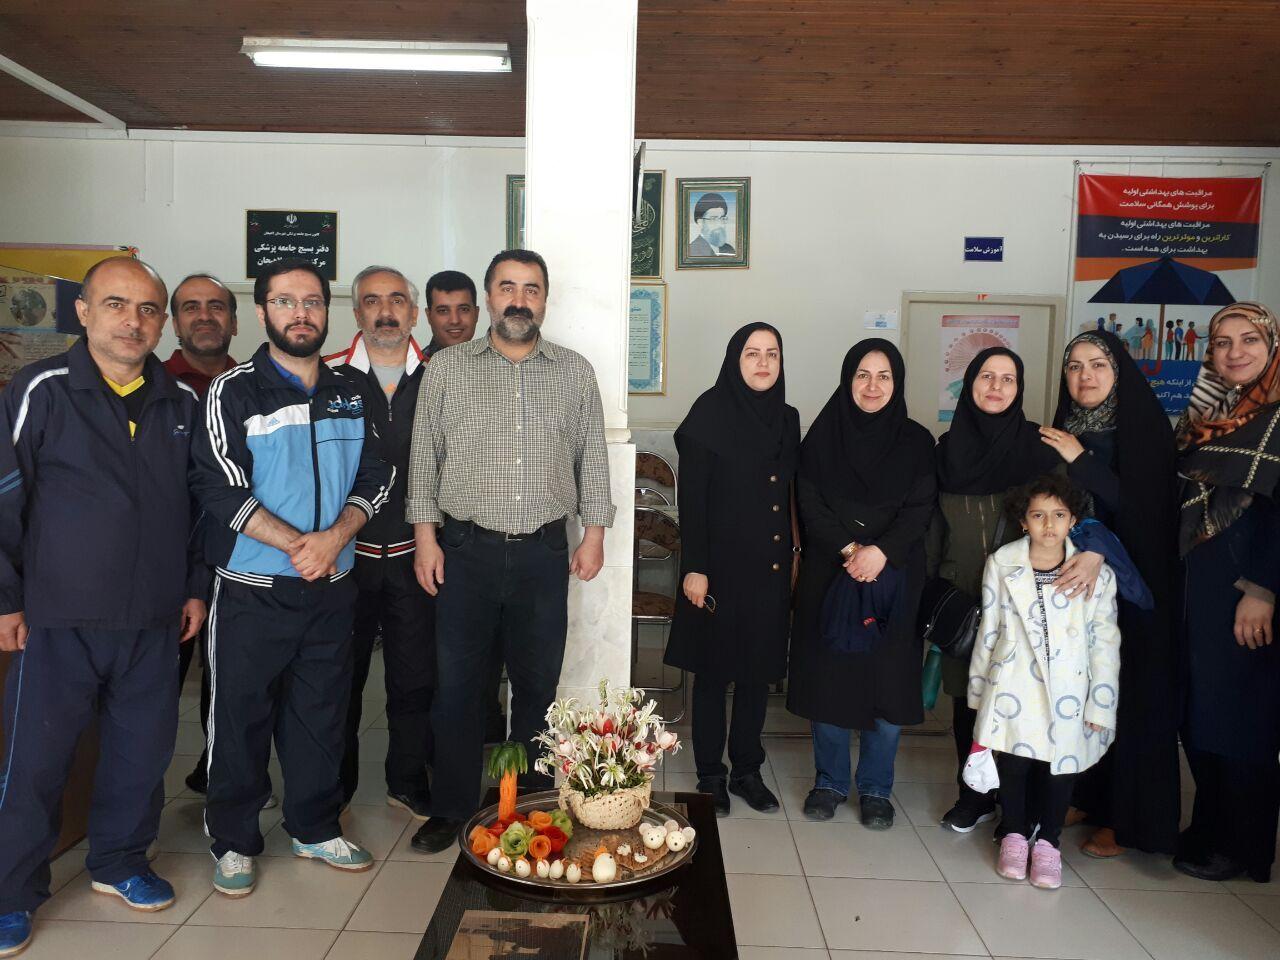 💯همایش کوهنوردی بمناسبت هفته سلامت در لاهیجان برگزار شد.